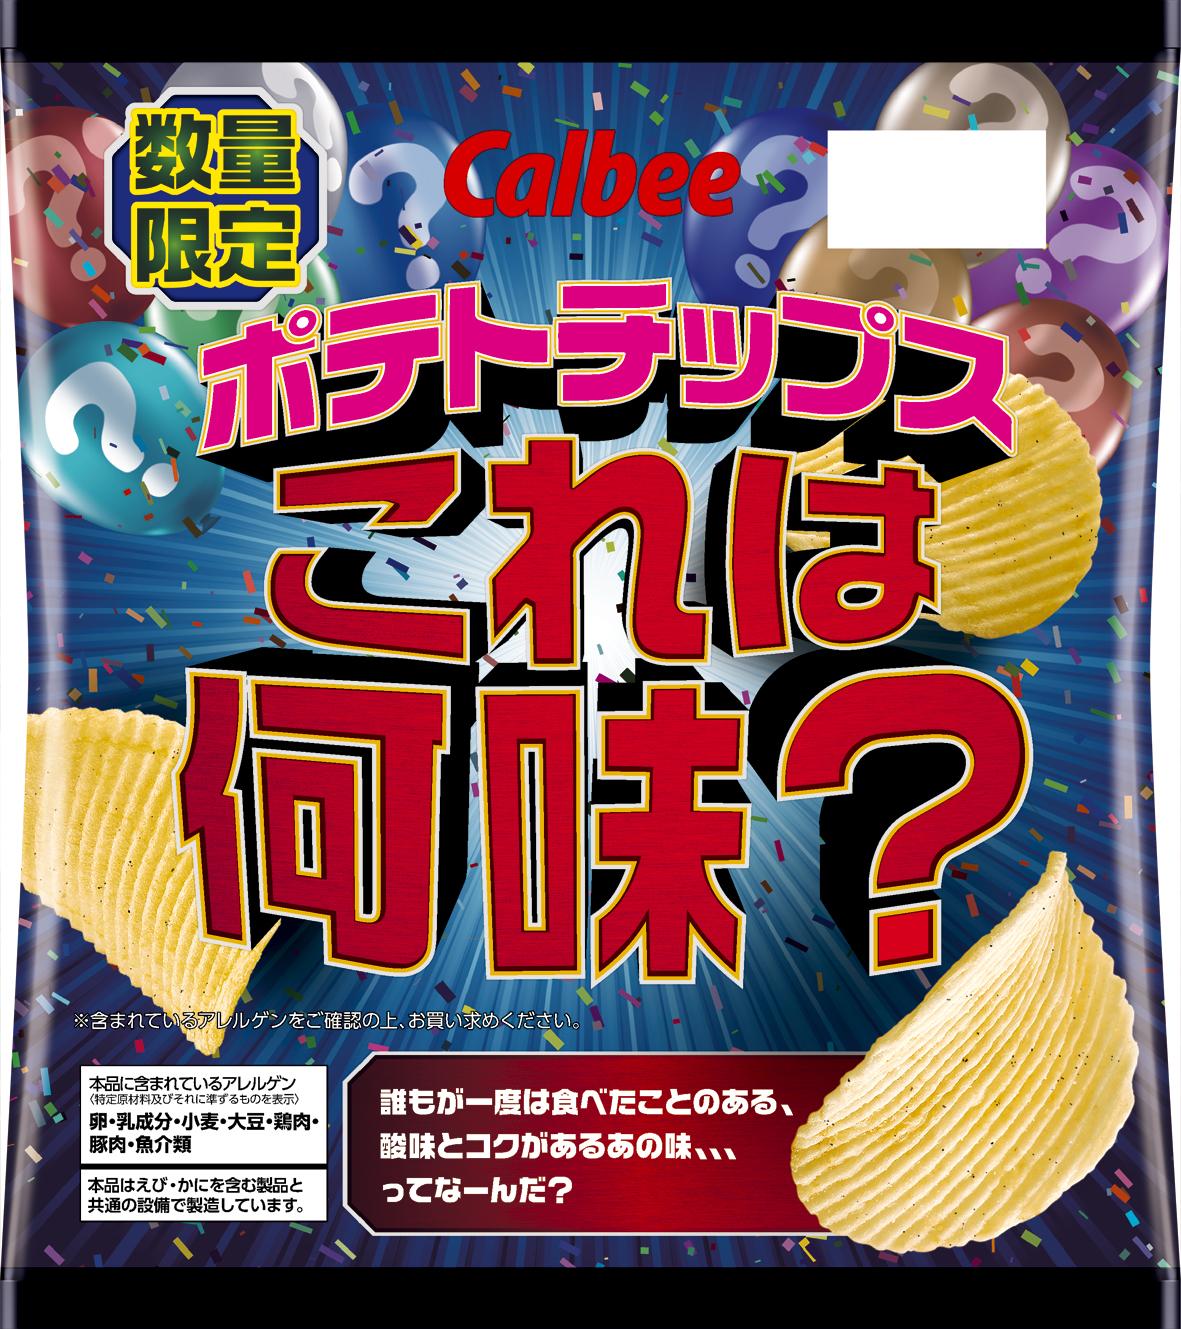 ドン・キホーテ限定販売!『カルビーポテトチップス これは何味?』2月10日(月)より全国のドン・キホーテ系列店舗で発売開始🌟